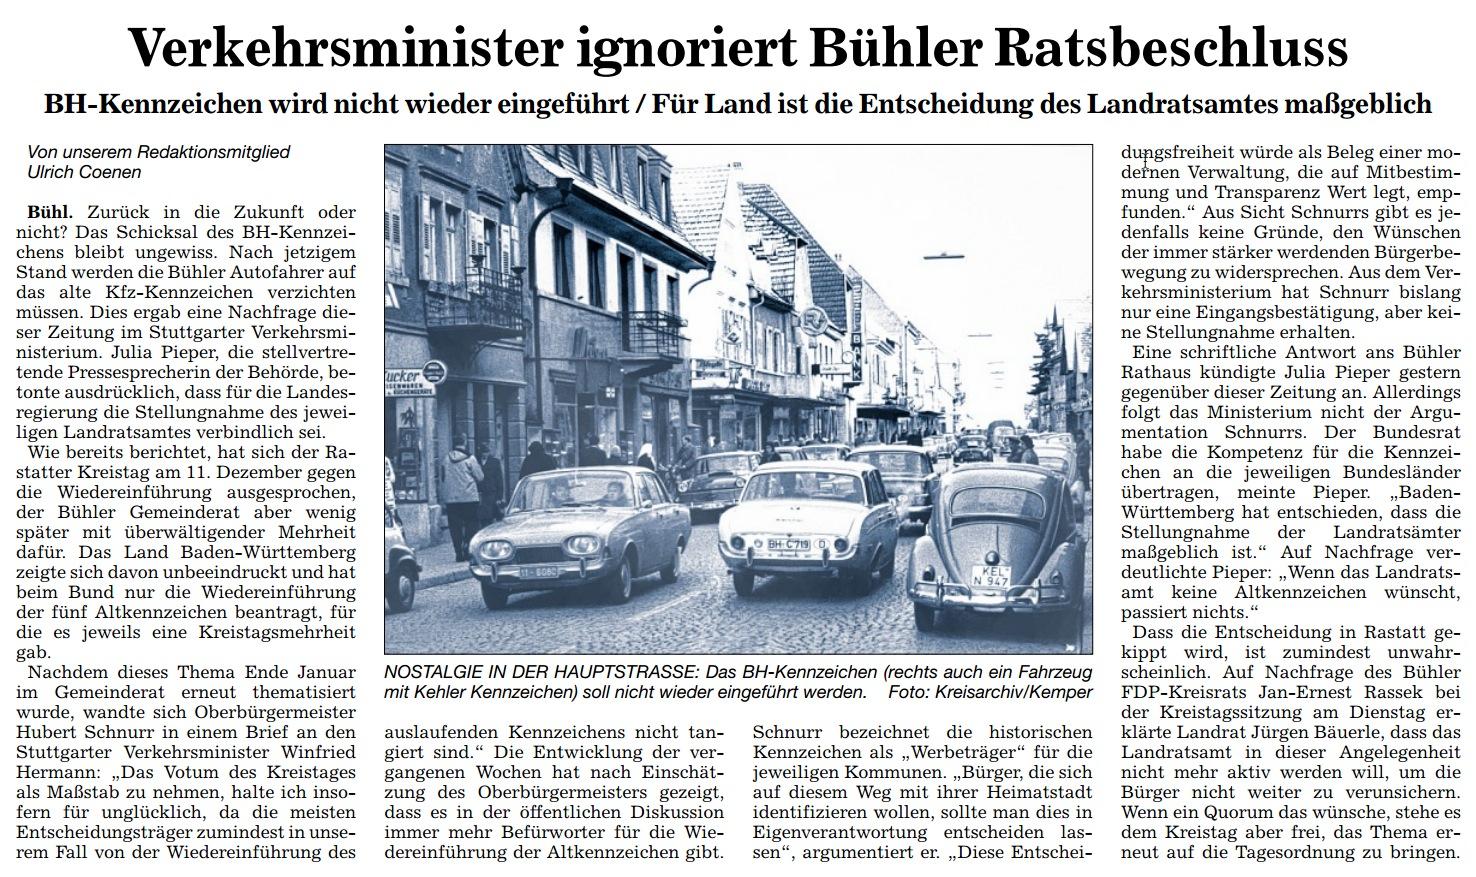 ABB, 21.02.2013: Verkehrsminister ignoriert Bühler Ratsbeschluss